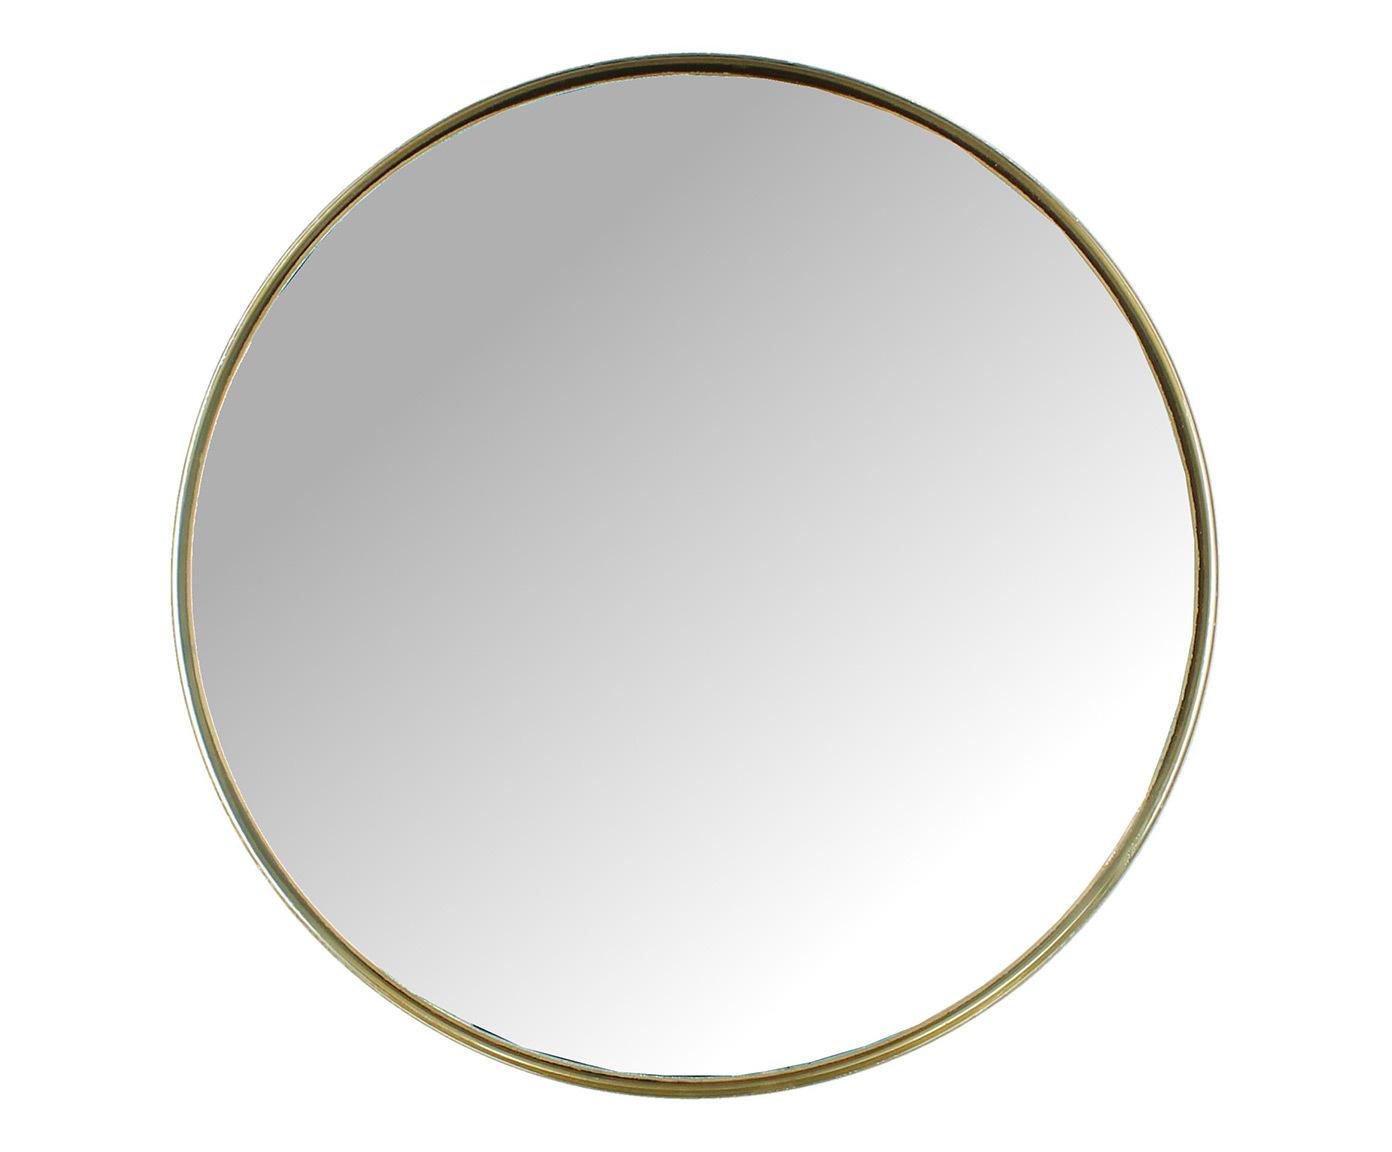 Купить Круглое настенное зеркало в металлической раме, inmyroom, Индия